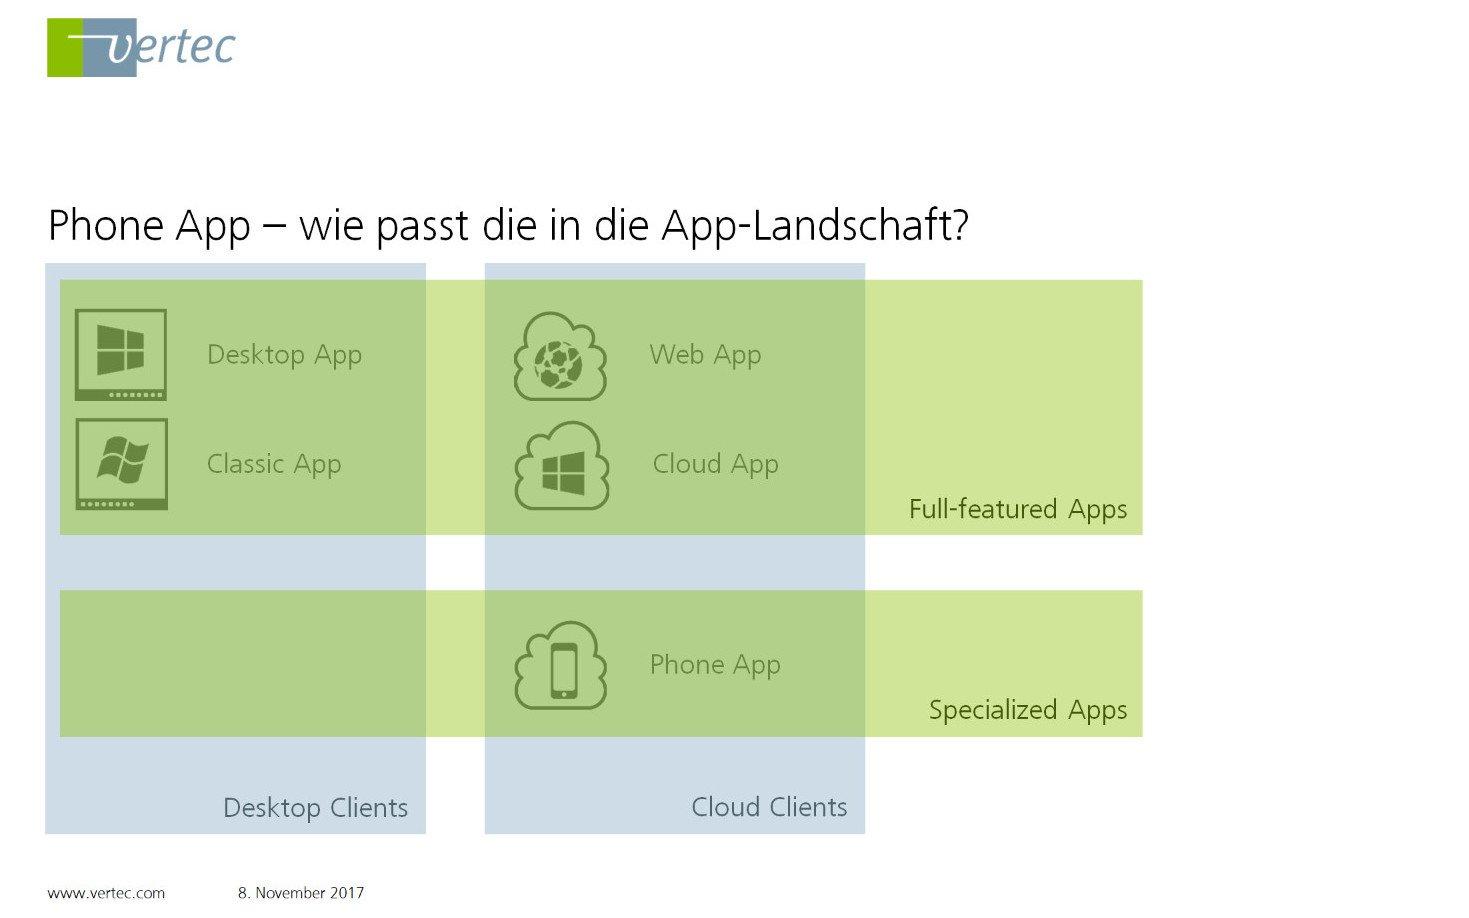 Alle Vertec Apps auf einen Blick